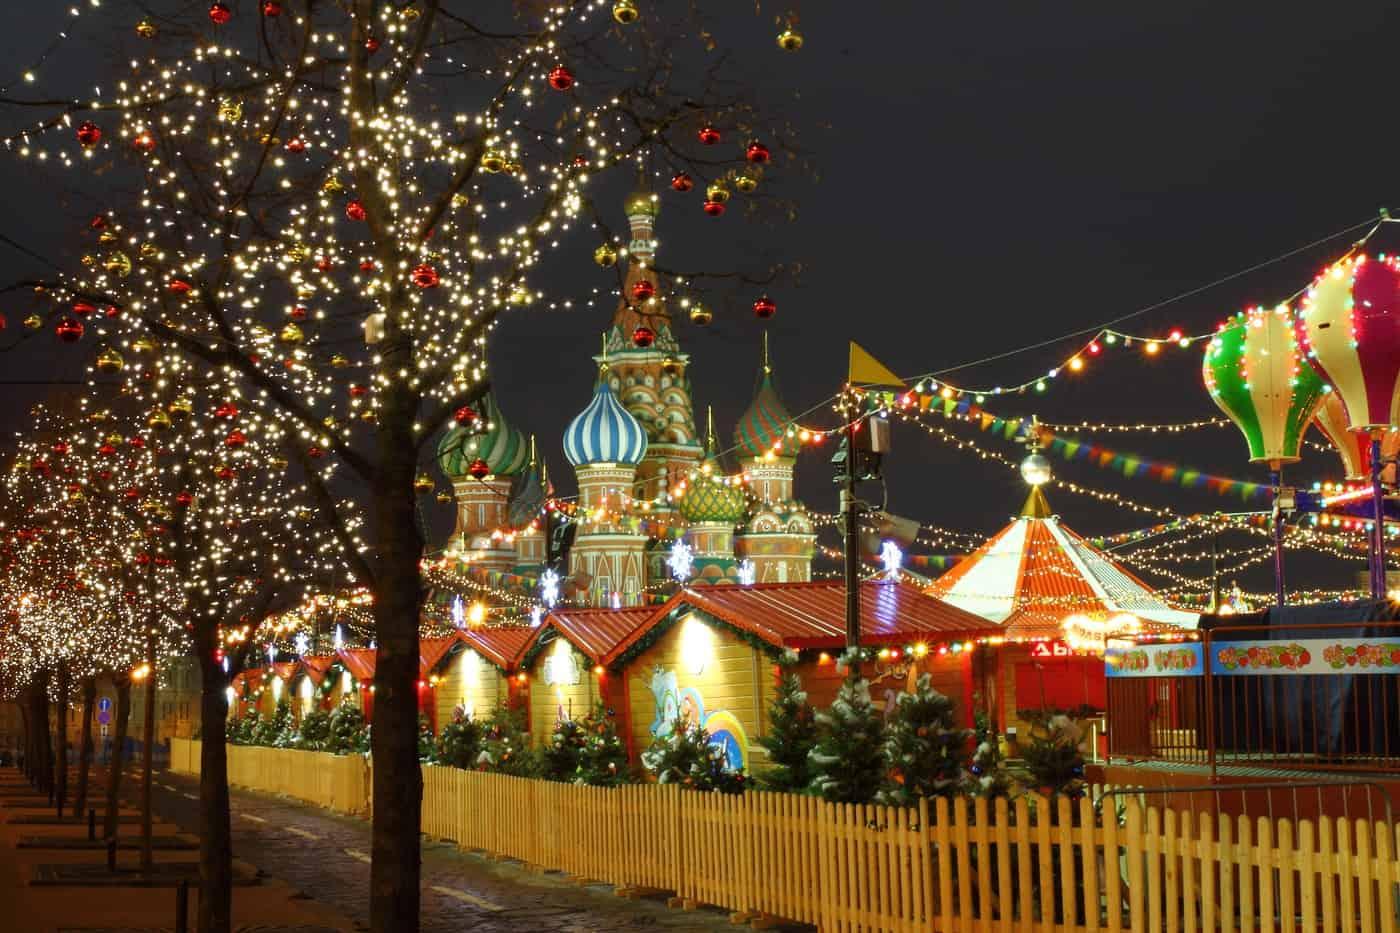 Photo of Не потеряться в праздники. 6 новогодних идей Не потеряться в праздники. 6 новогодних идей Не потеряться в праздники. 6 новогодних идей 2 8